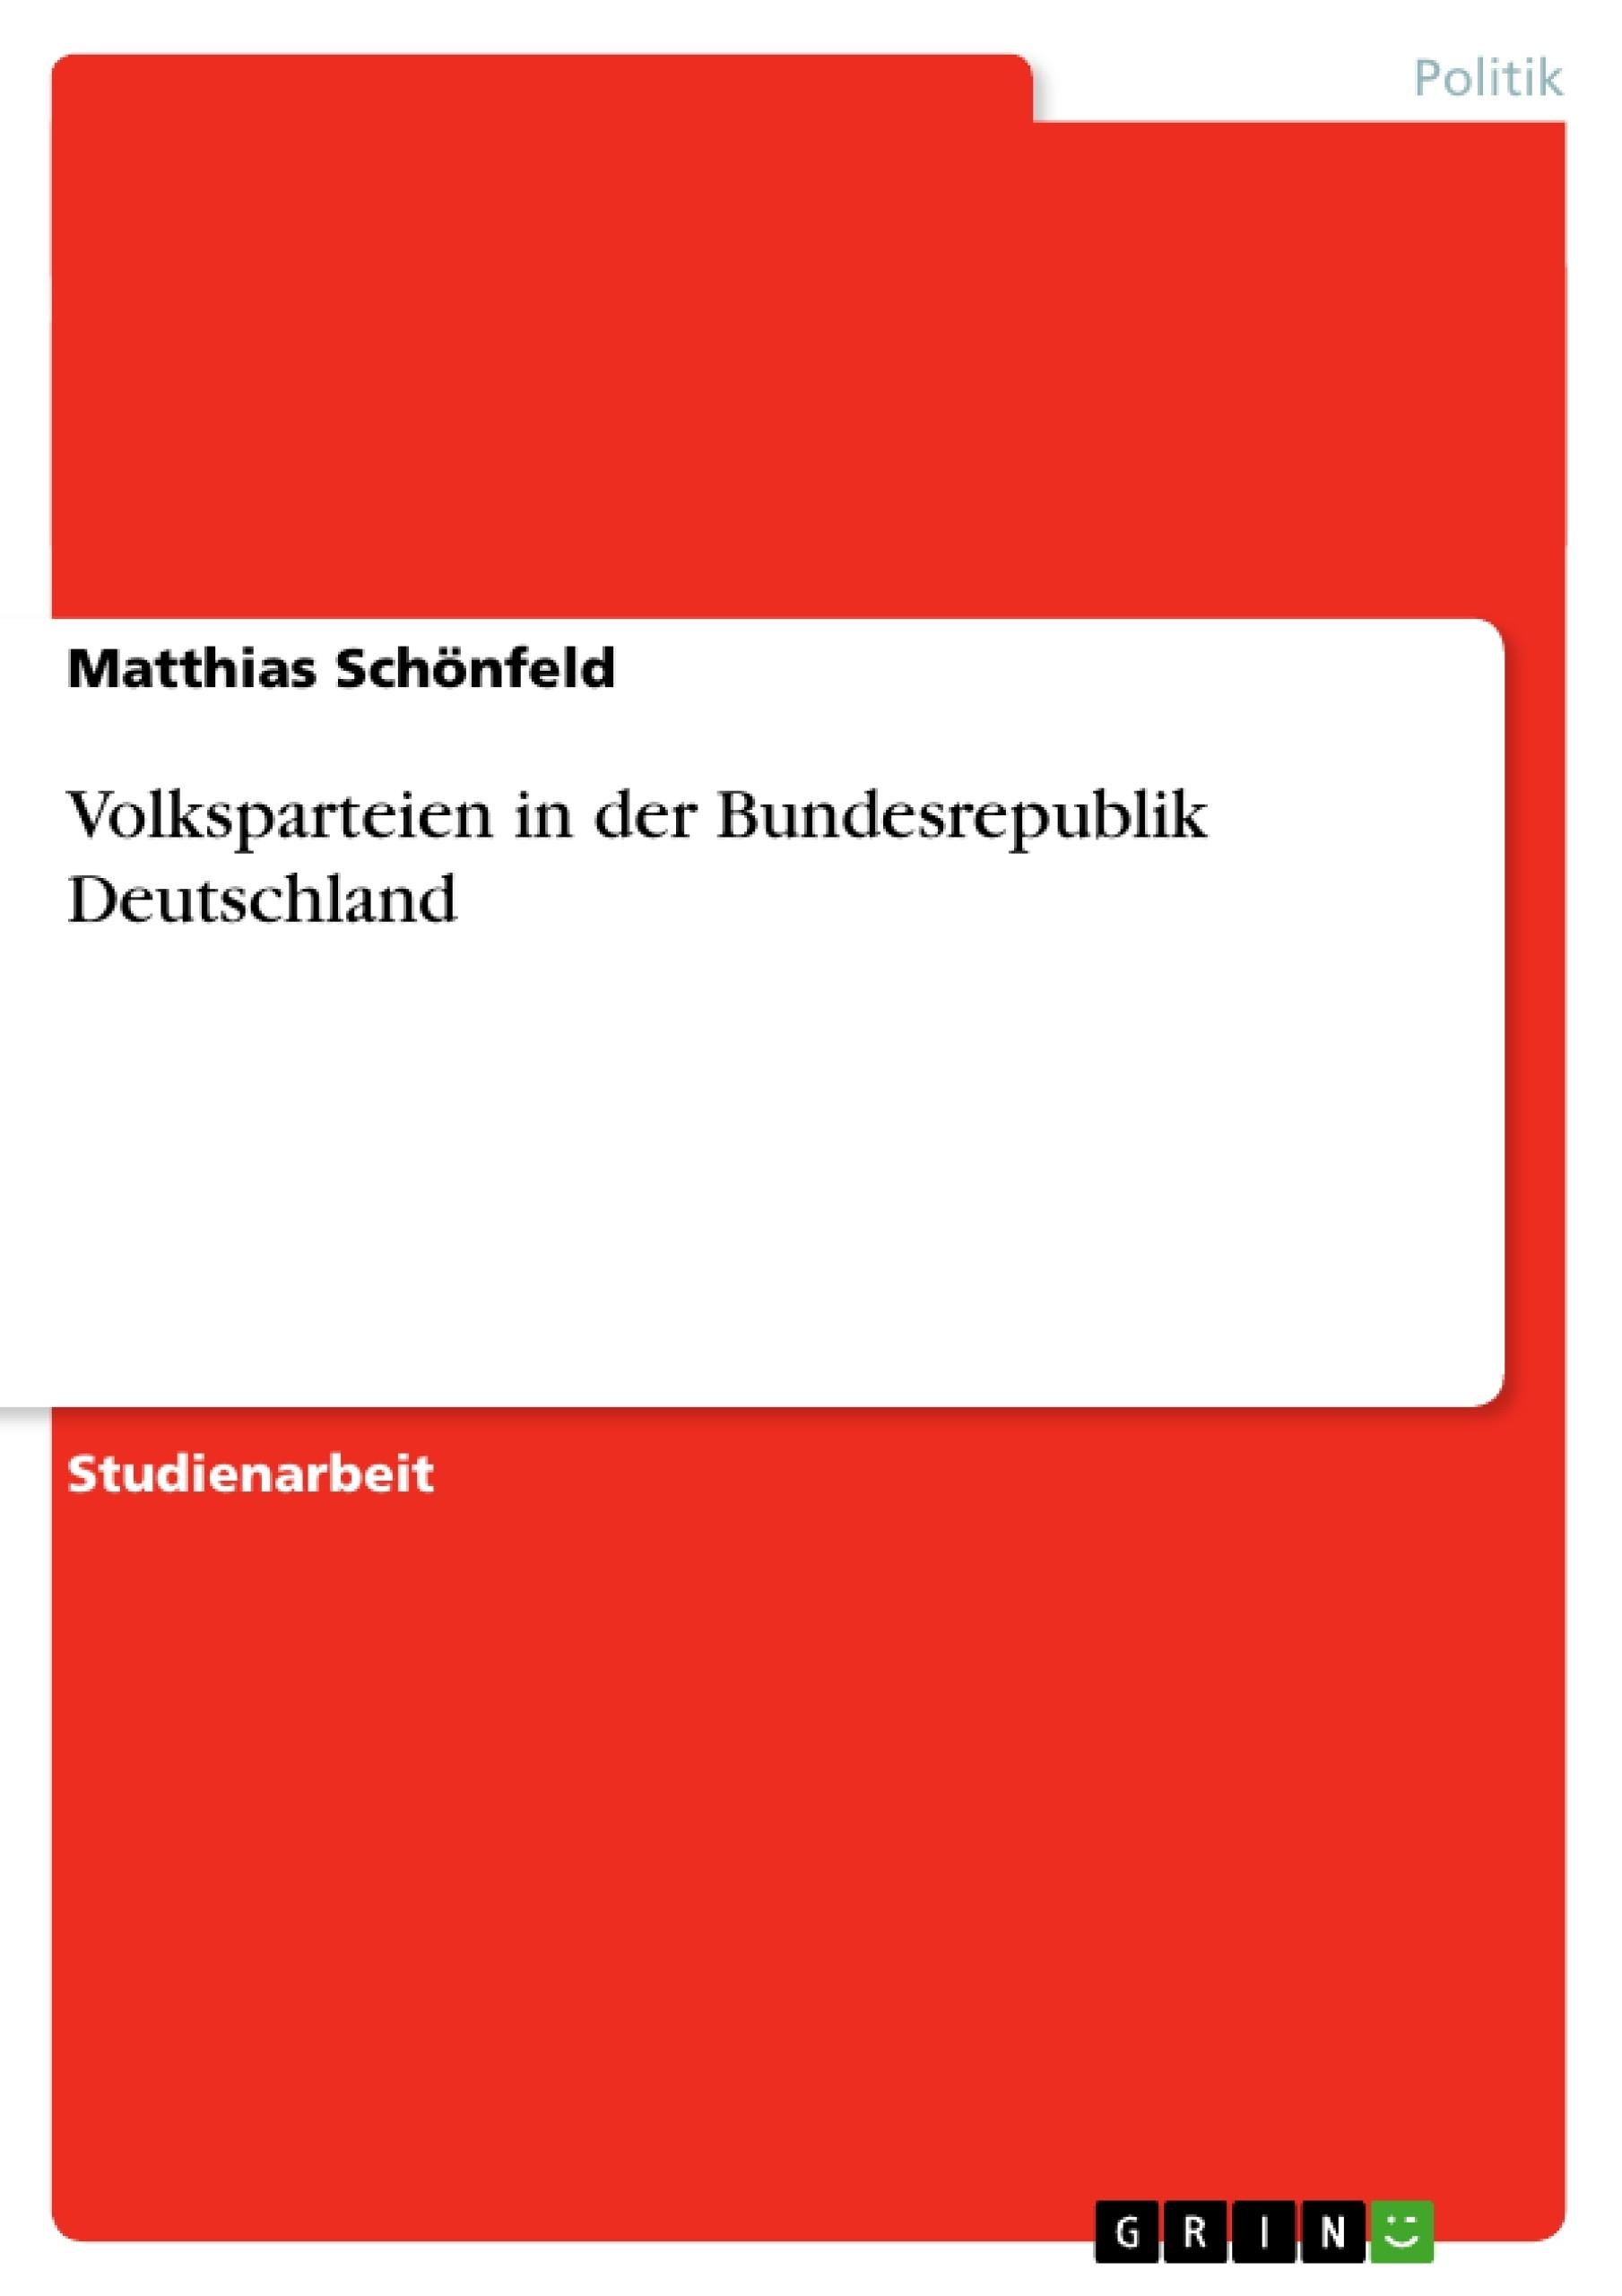 Titel: Volksparteien in der Bundesrepublik Deutschland